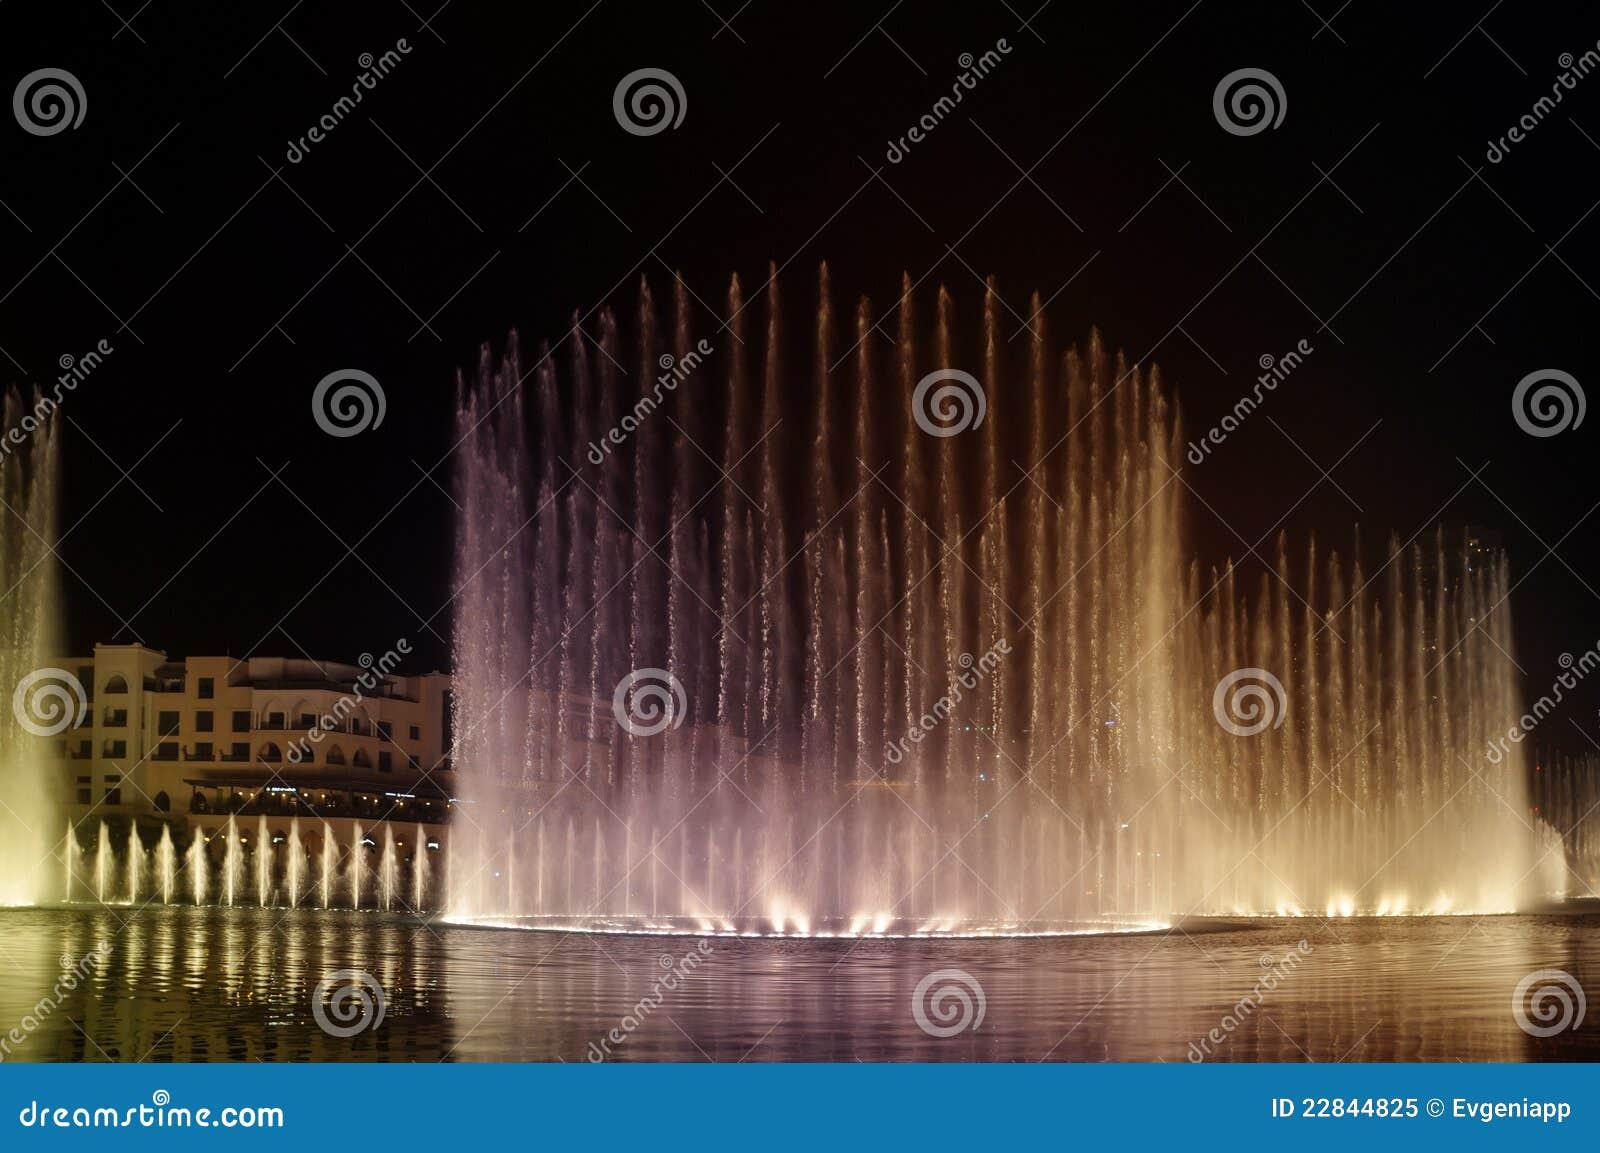 fontaine de danse sur le lac burj khalifa duba eau photo libre de droits image 22844825. Black Bedroom Furniture Sets. Home Design Ideas